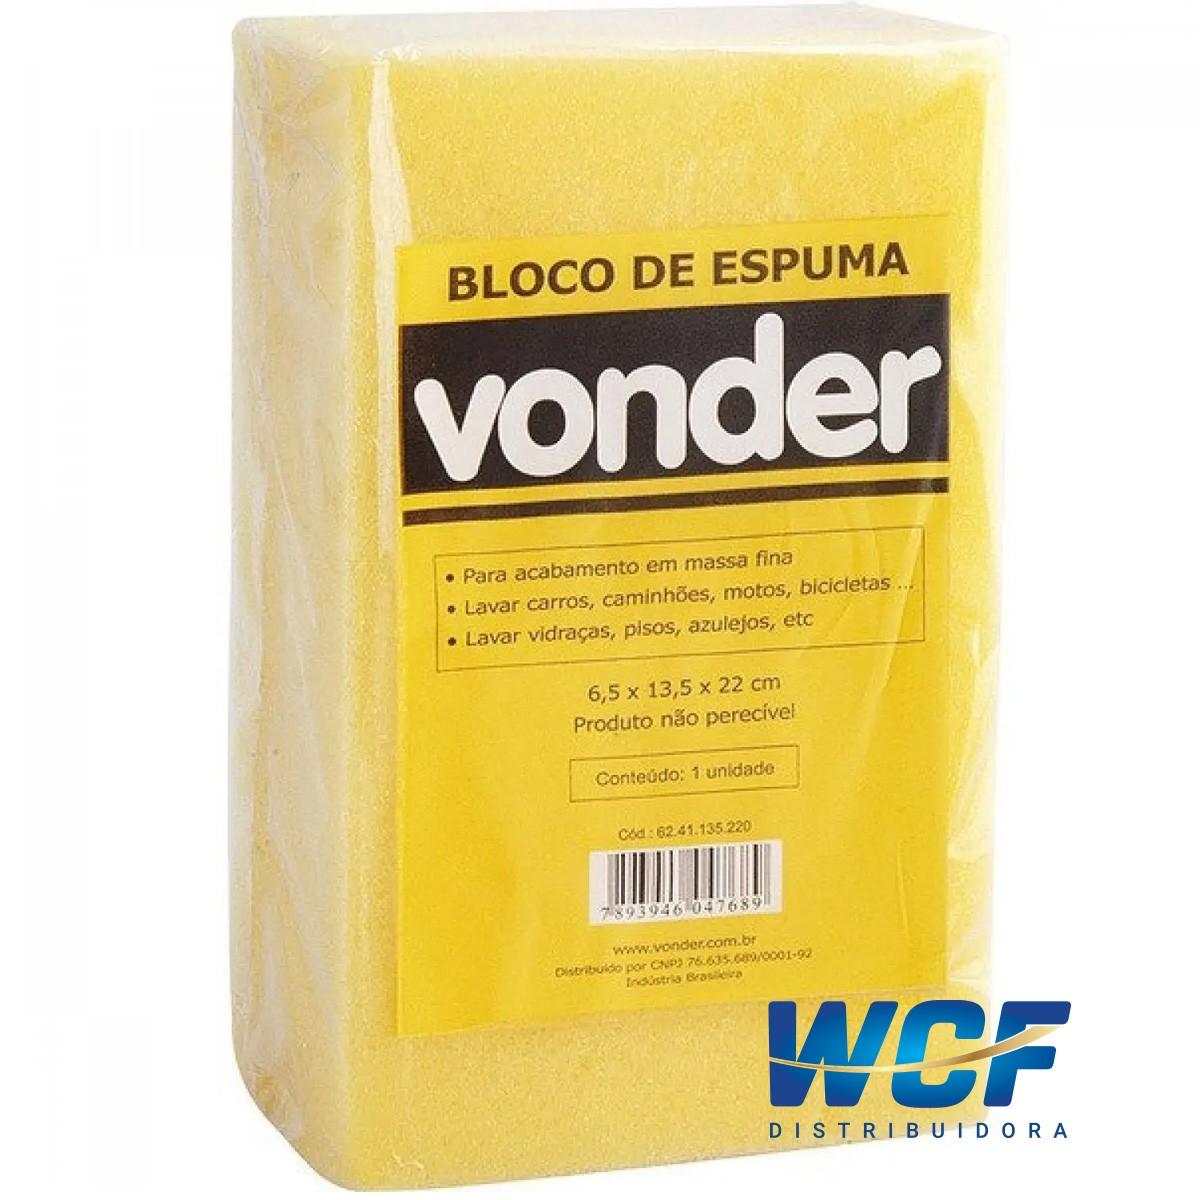 VONDER ESPUMA EM BLOCO 22 X 11 X 6